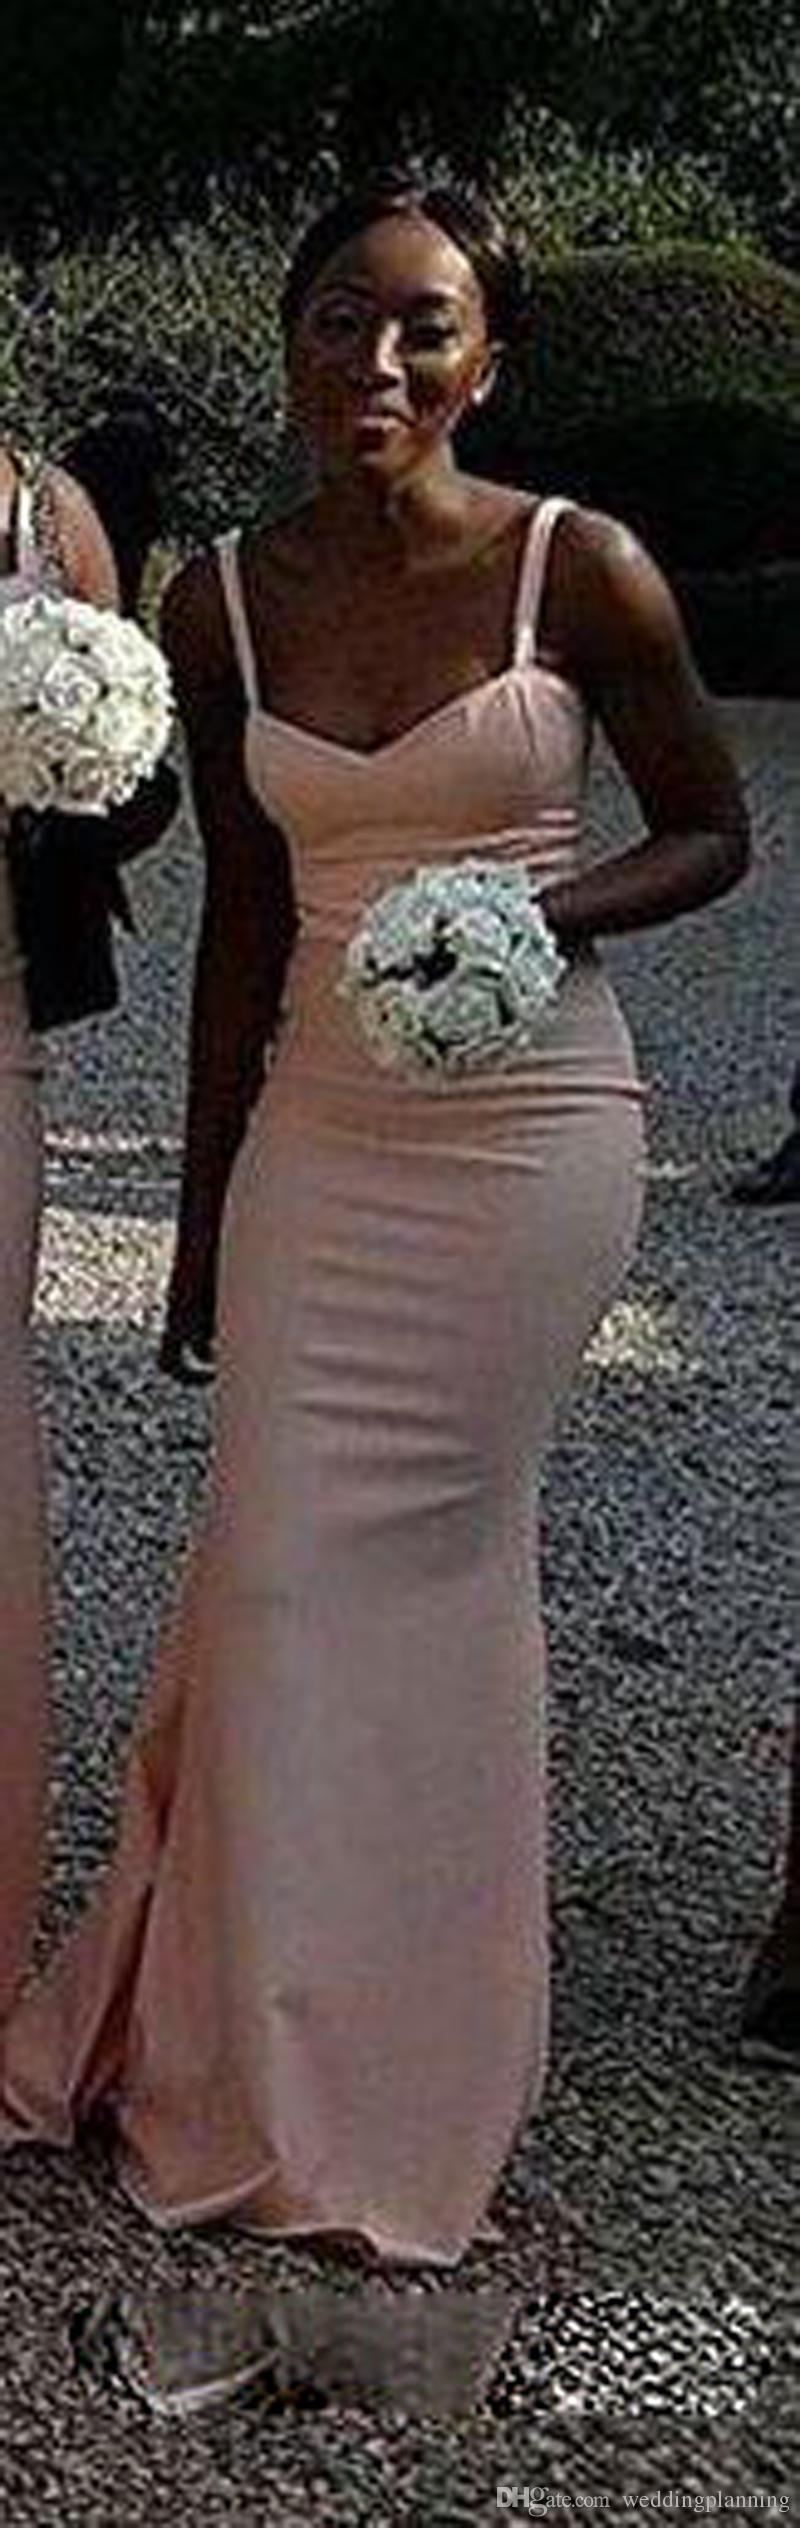 Niza sudafricana vestidos de dama de honor raso sirena boda vestido de invitados correas espaguetis país dama de honor vestidos largo vestido madrinha